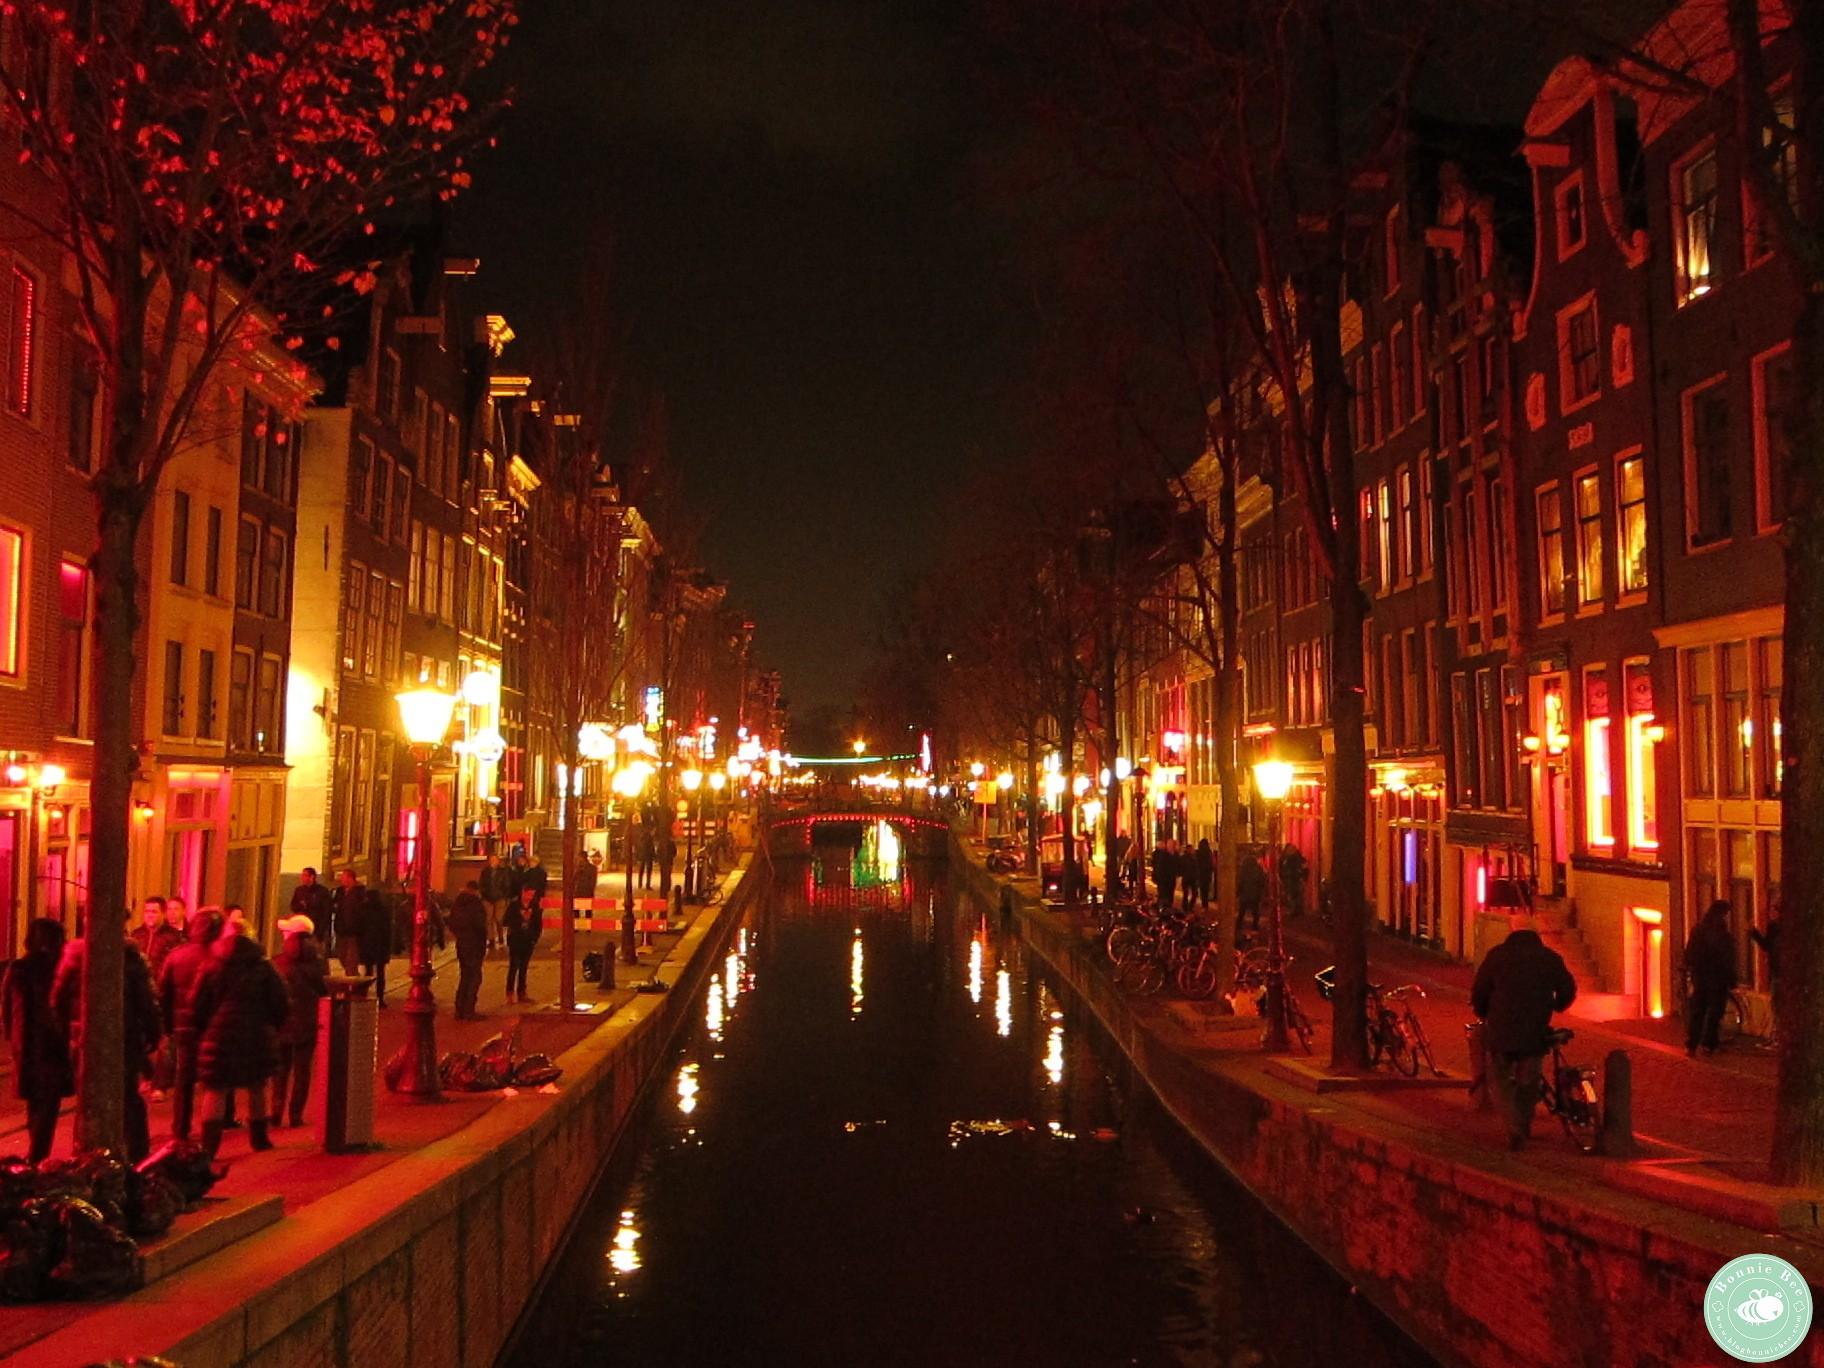 荷蘭阿姆斯特丹臉紅紅紅燈區的故事(中)開始巡禮 | 蜜蜂邦妮 @ The Beautiful World